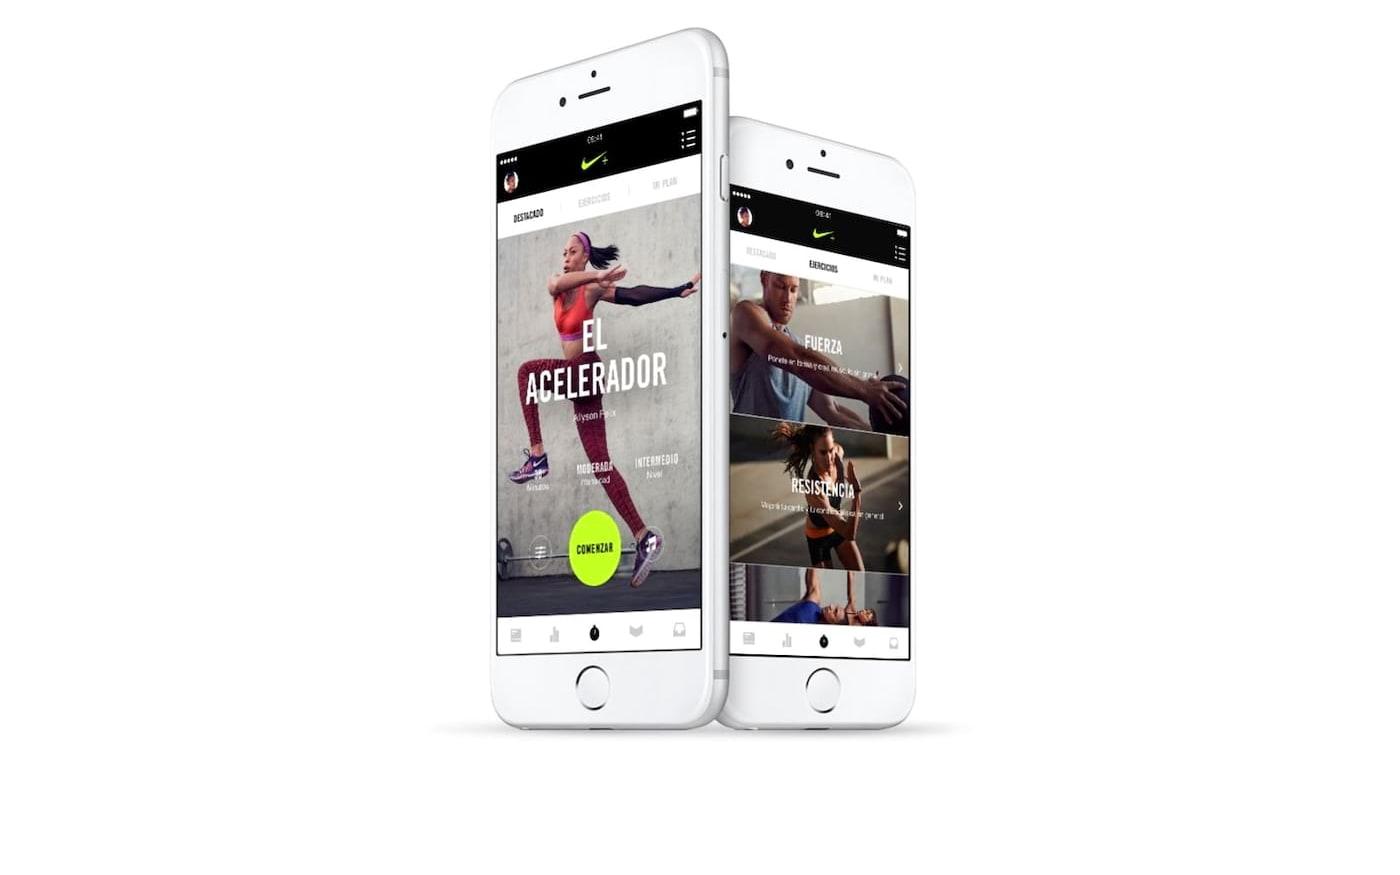 [App da semana] Nike Training Club - exercite-se sem sair de casa